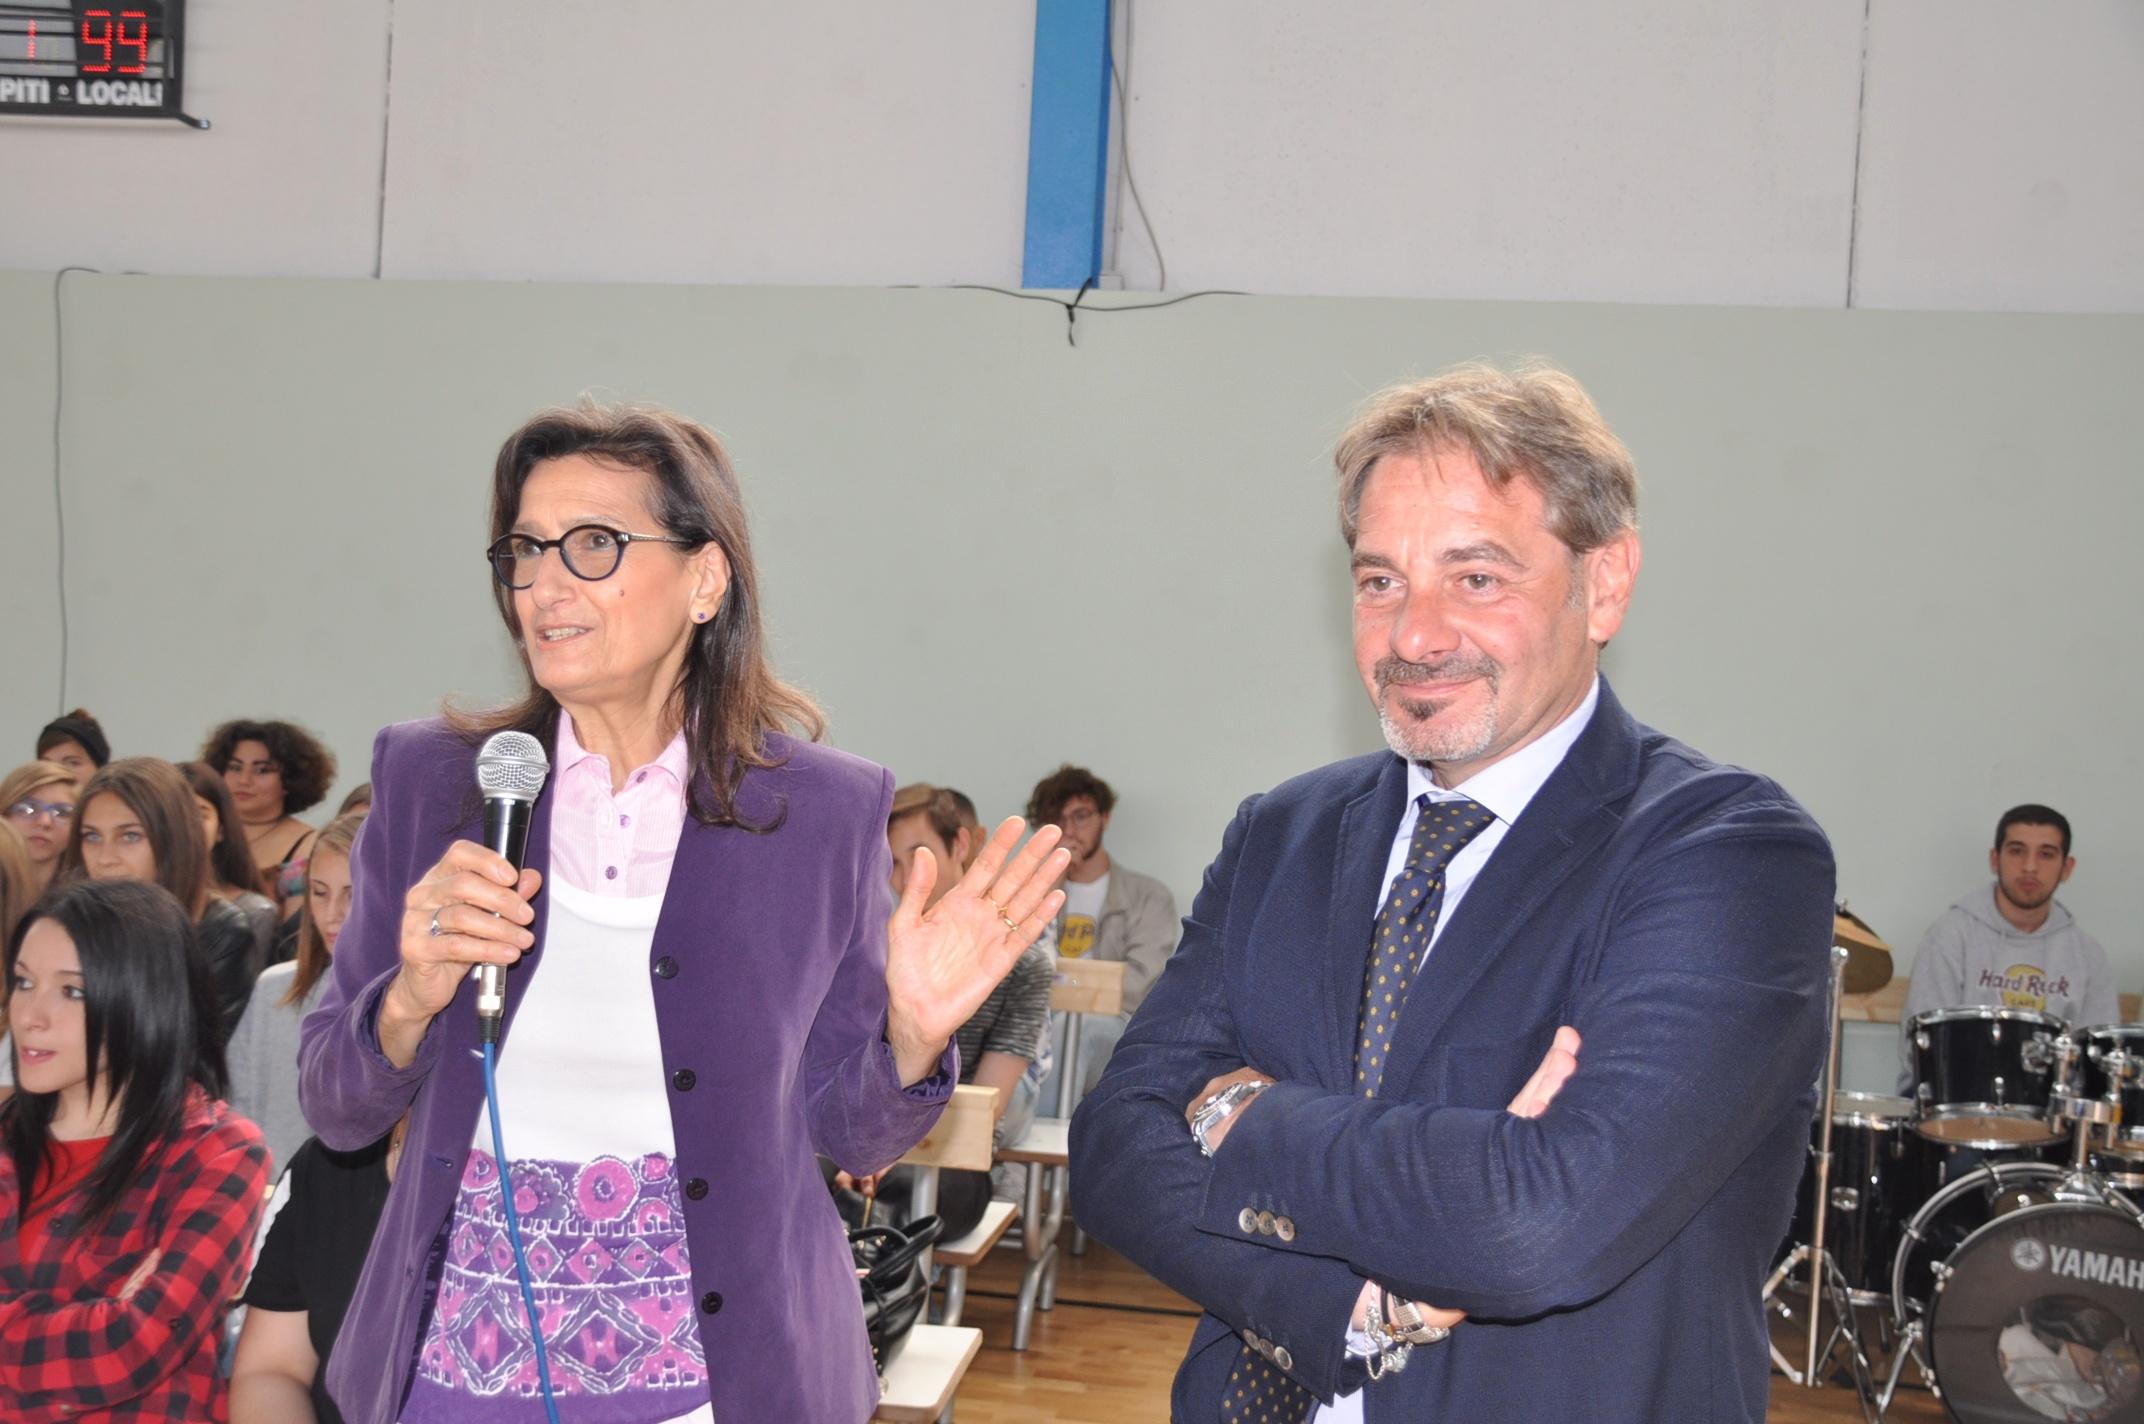 L'Ordine degli Avvocati, consegnate attrezzature sportive al Rampone di Benevento